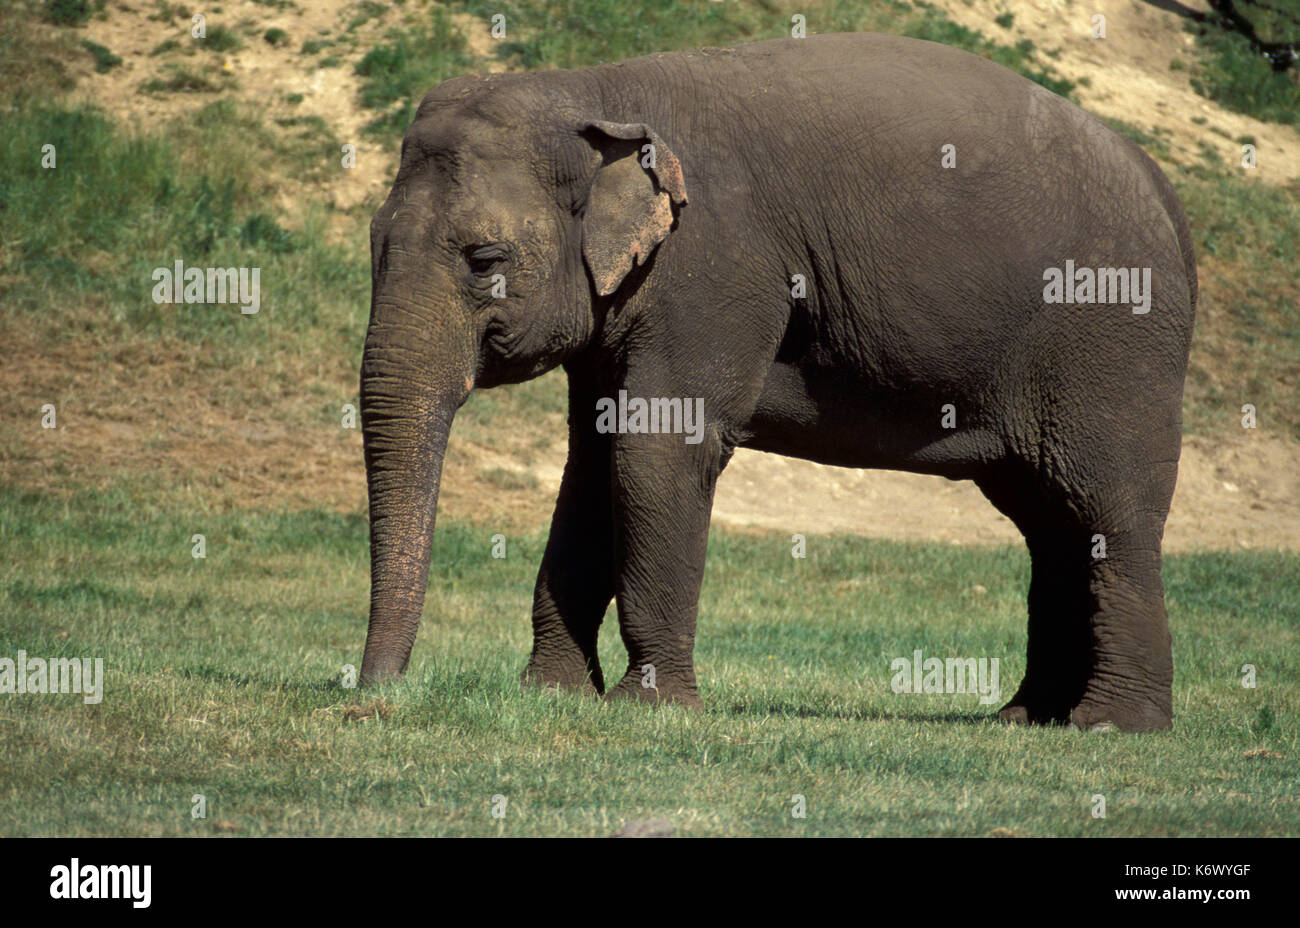 (L'éléphant d'Asie (Elephas maximus) en captivité), montrant tout son corps et de petites oreilles, et longue trompe Photo Stock